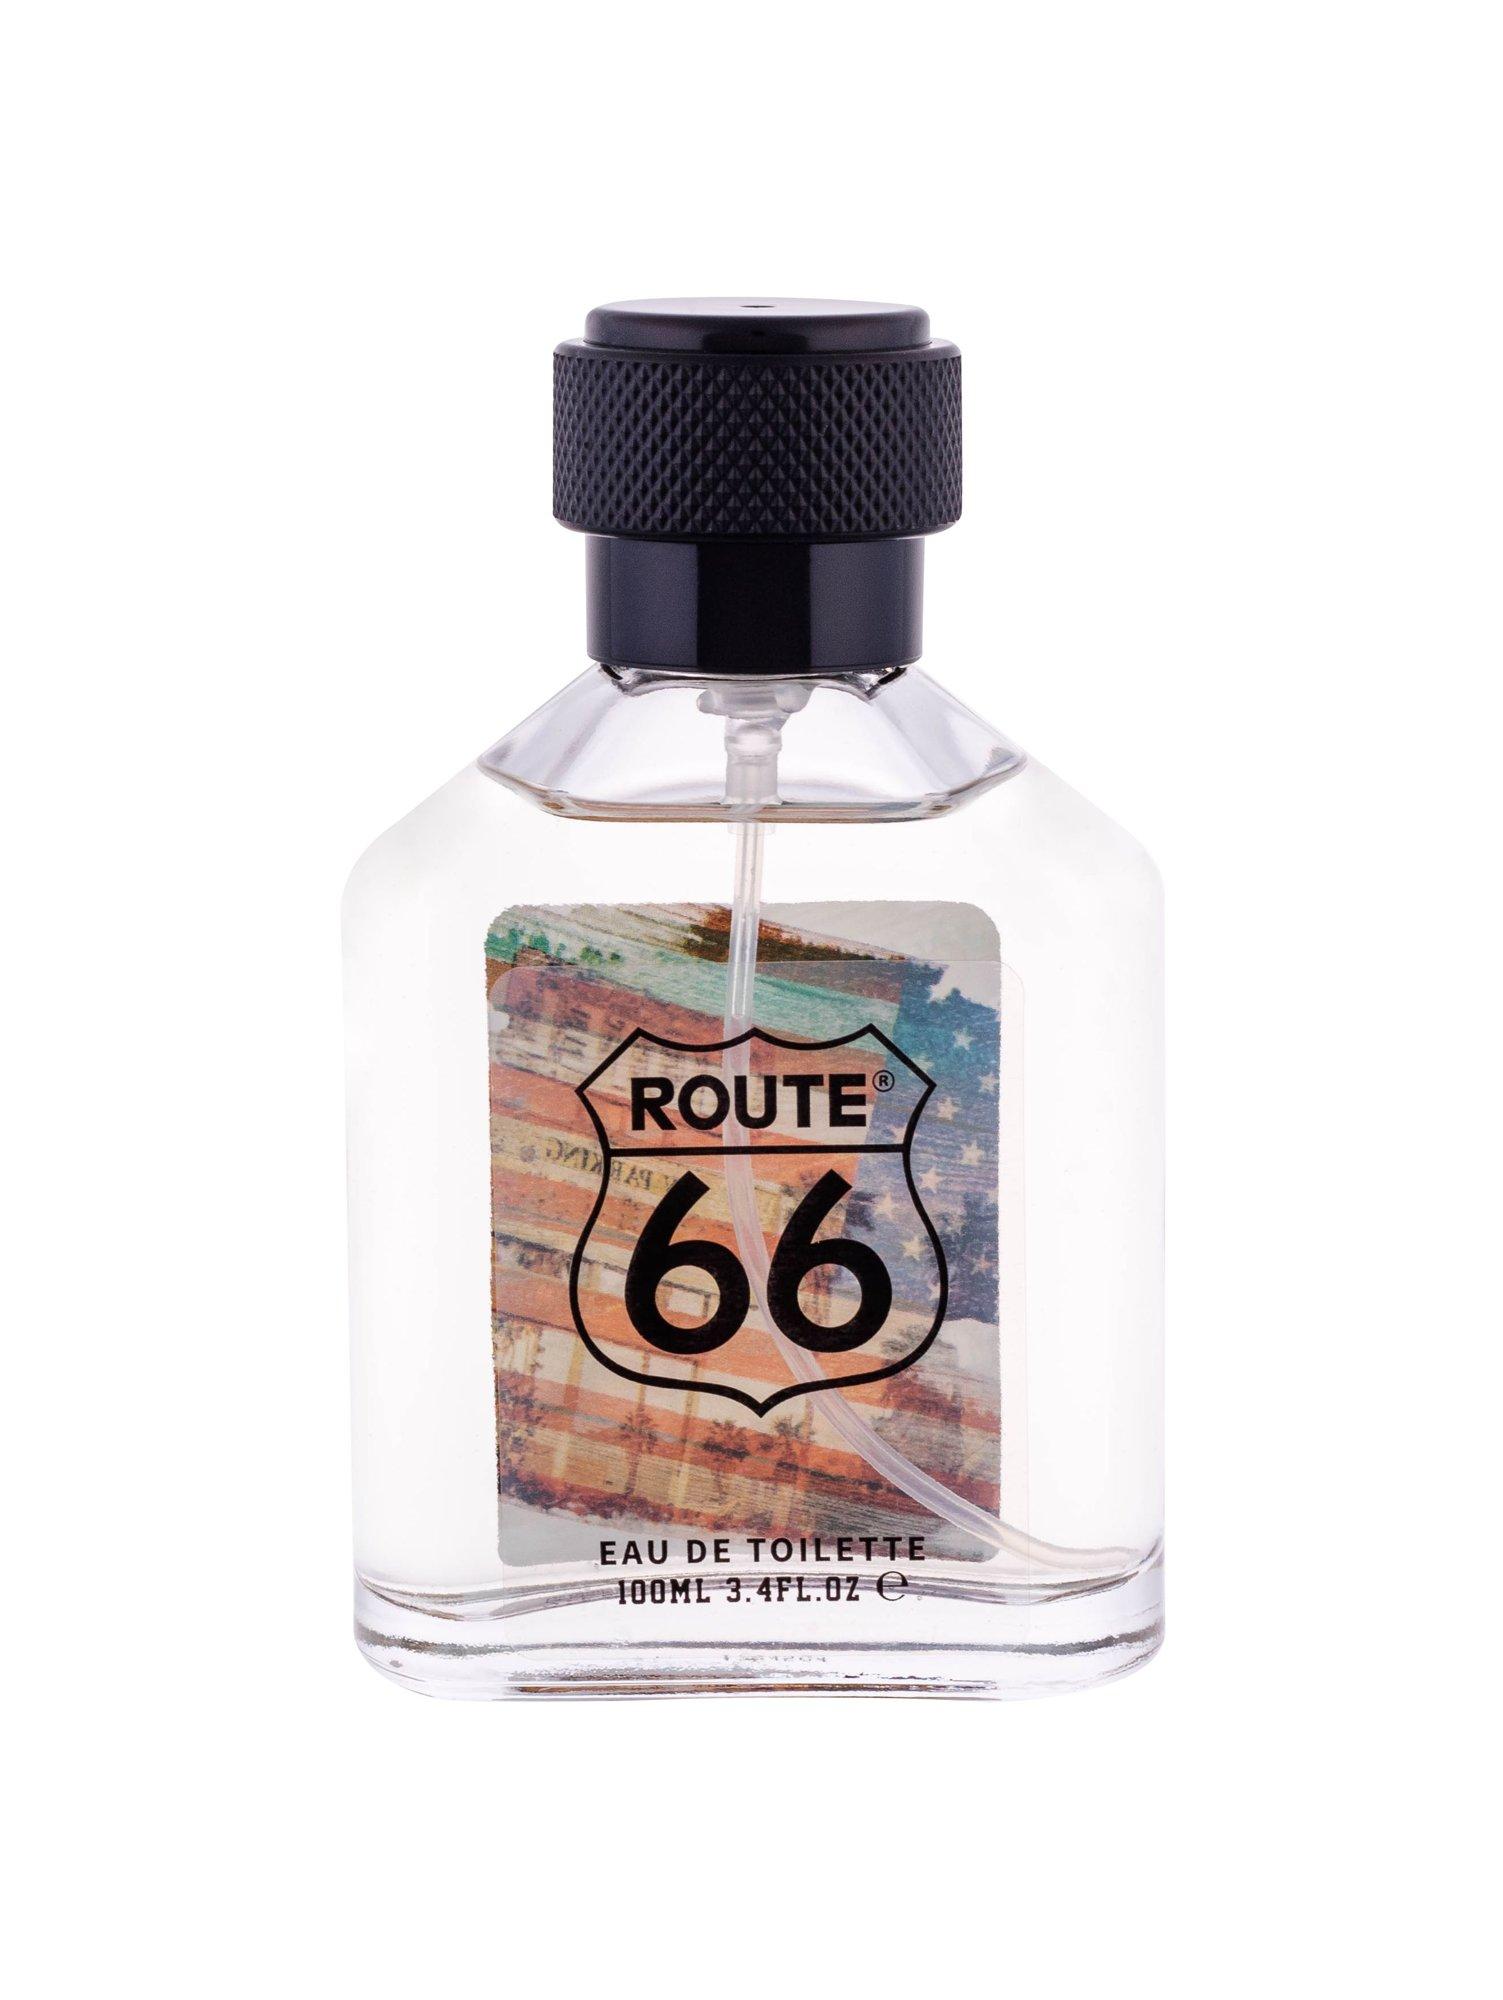 Route 66 Get Your Kicks Eau de Toilette 100ml